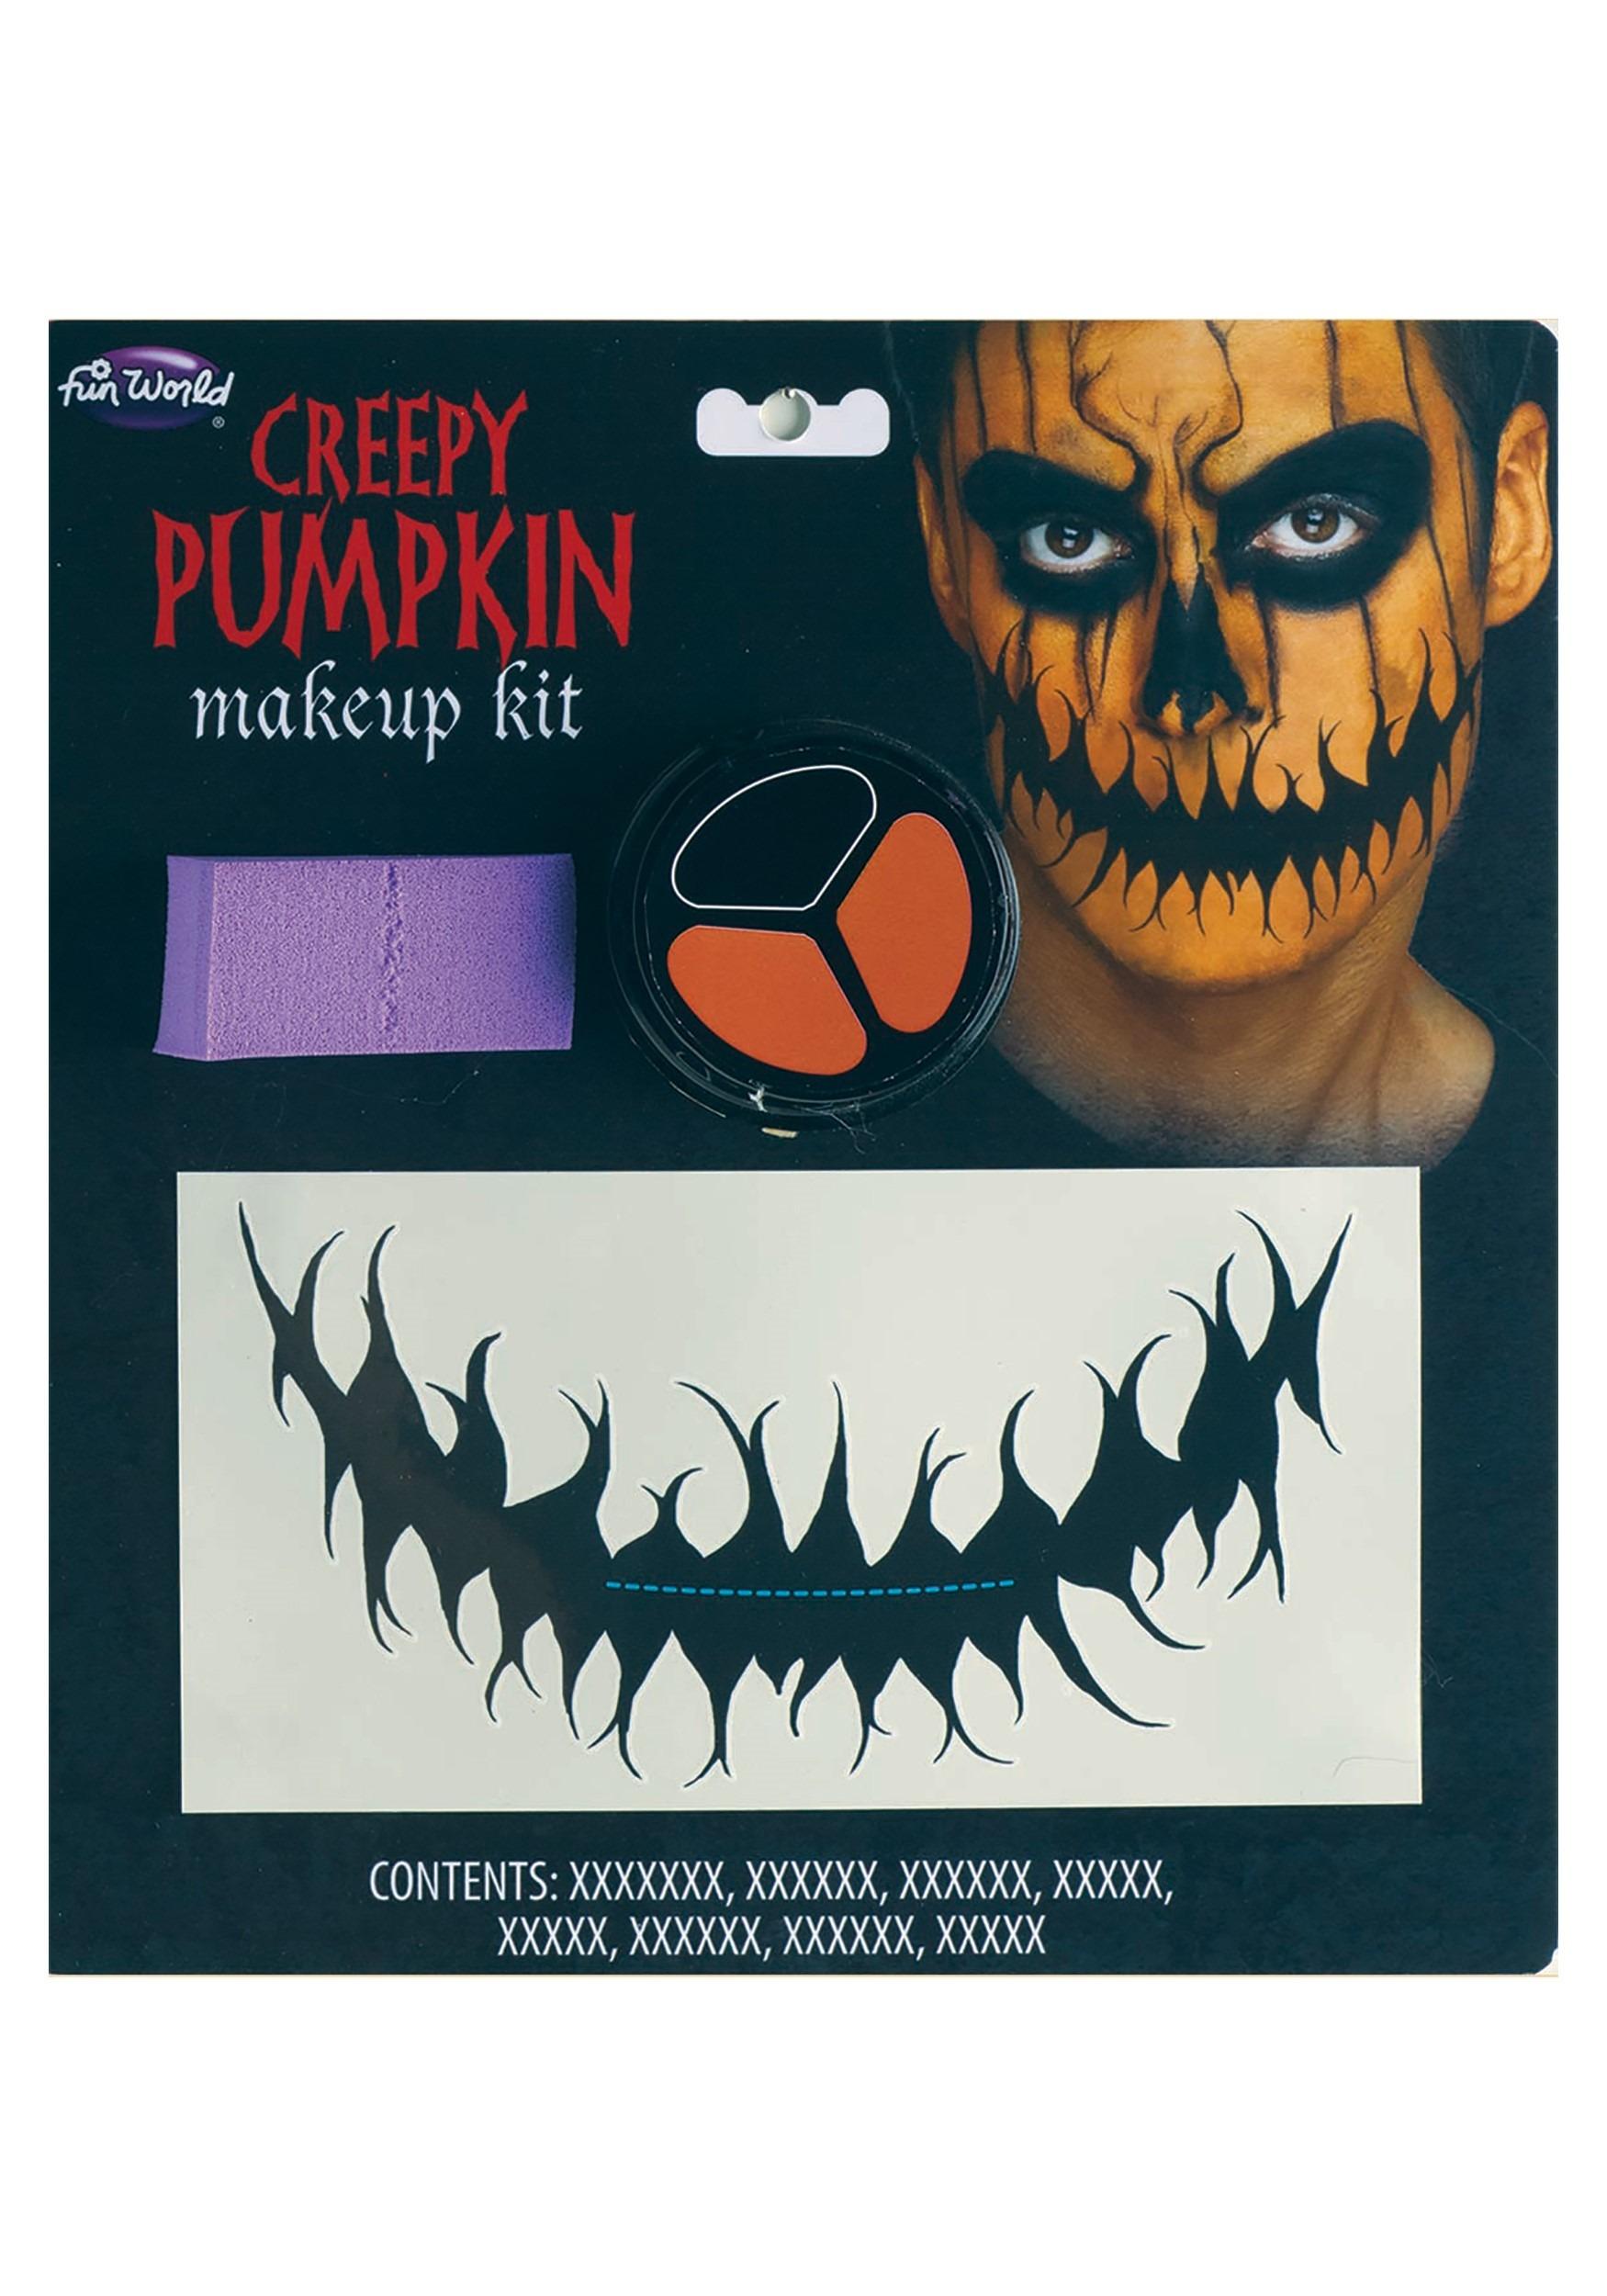 Creepy Halloween Pumpkin Makeup Kit